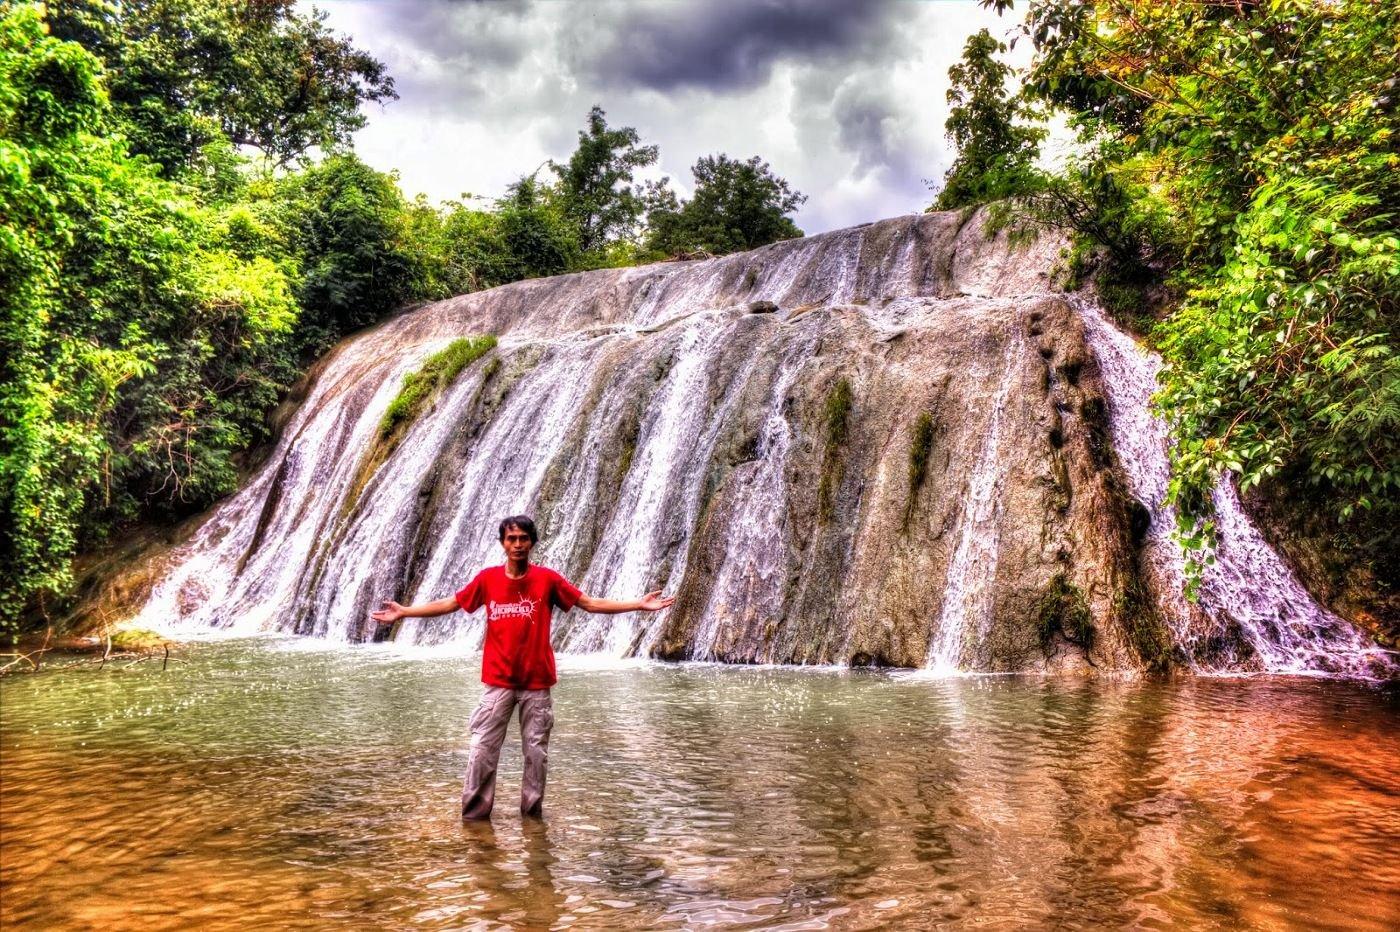 38 Tempat Wisata Menarik Dan Wajib Dikunjungi Di Jombang Tempat Me